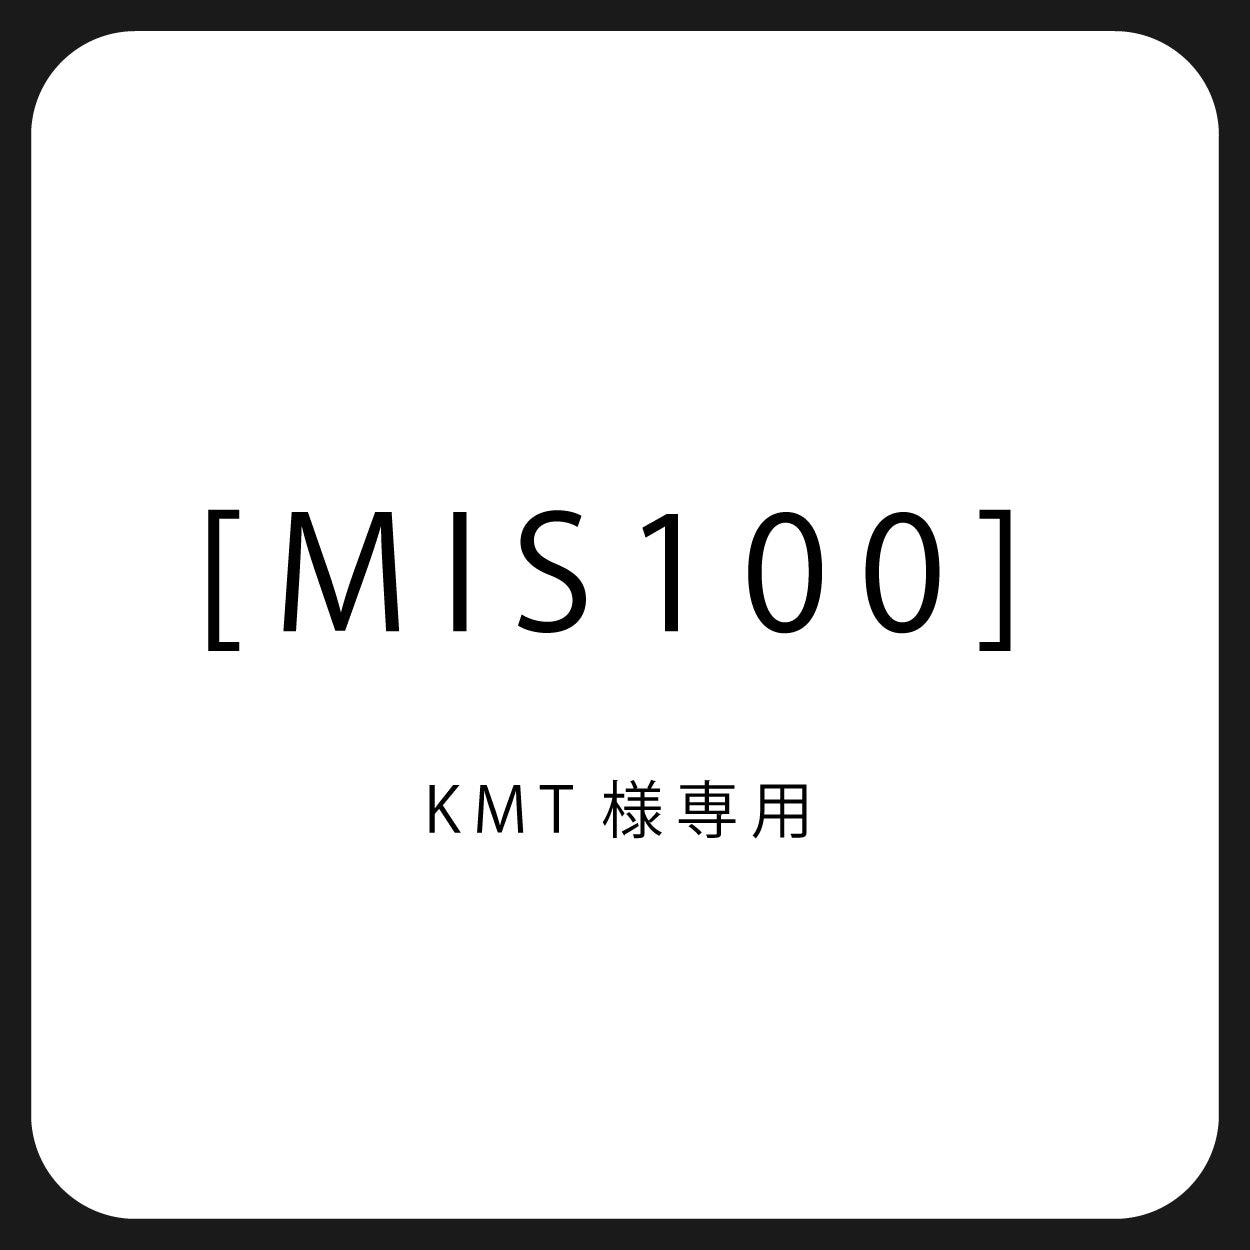 [MIS100]KMT様専用のイメージその1